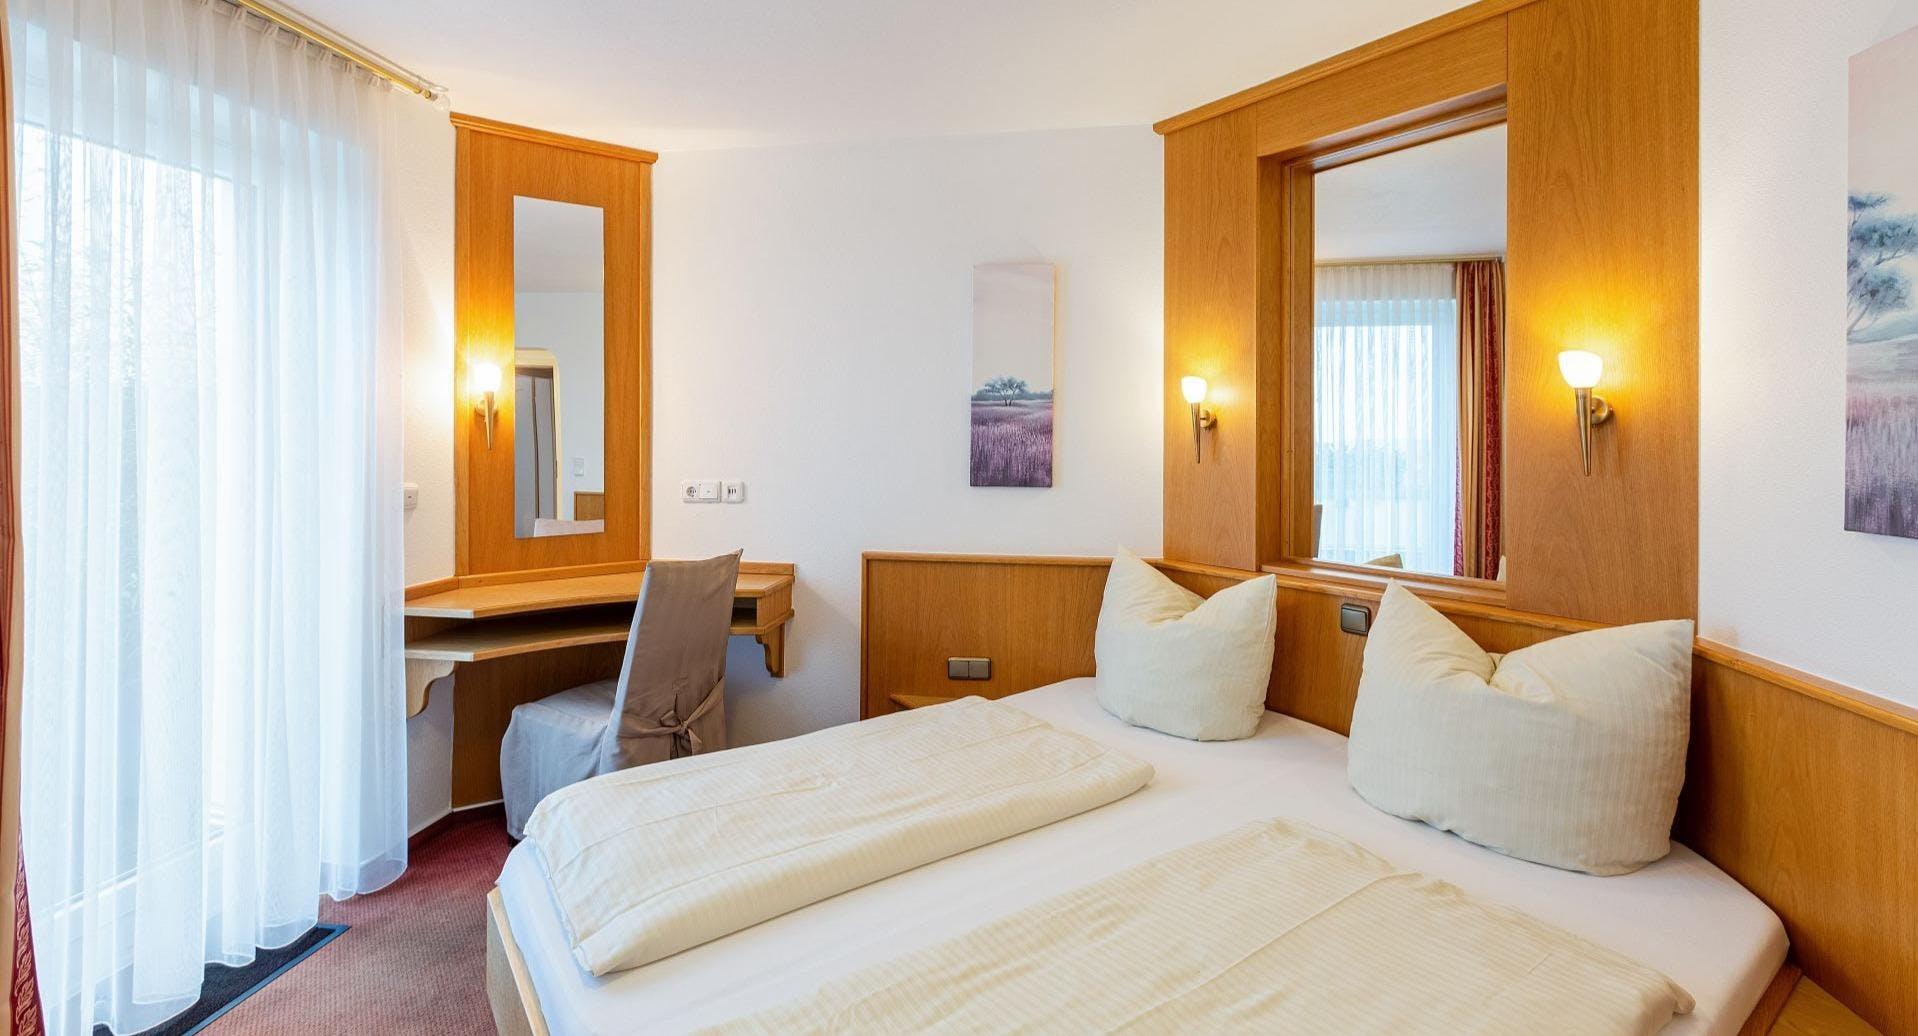 Hotel Kalenborner Höhe